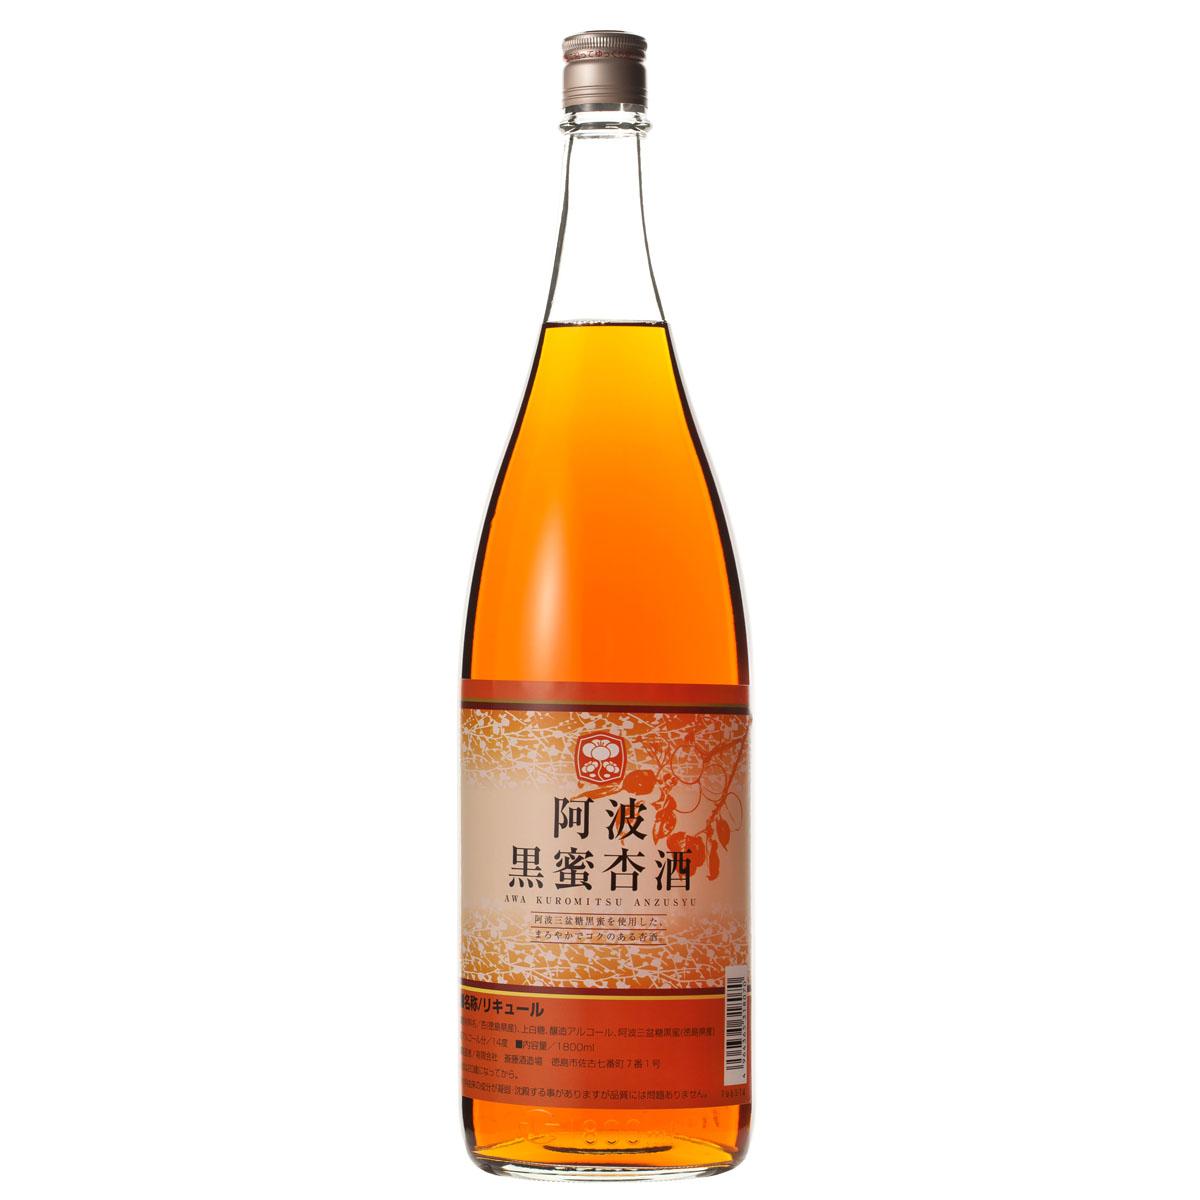 新入荷 流行 阿波黒蜜杏酒1800ml 注文後の変更キャンセル返品